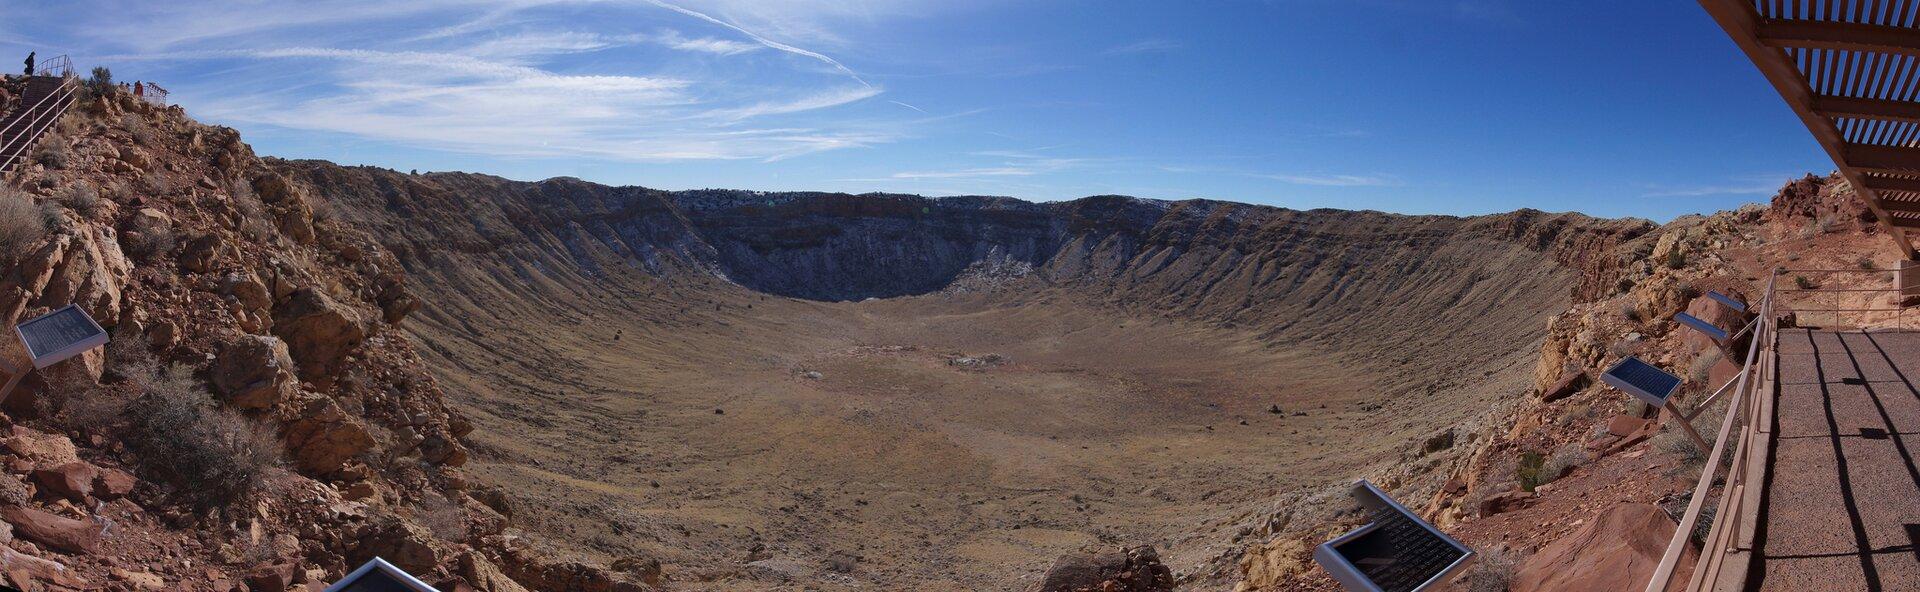 Fotografia prezentuje panoramę szerokiego igłębokiego wklęśnięcia wZiemi nazywanego kraterem.